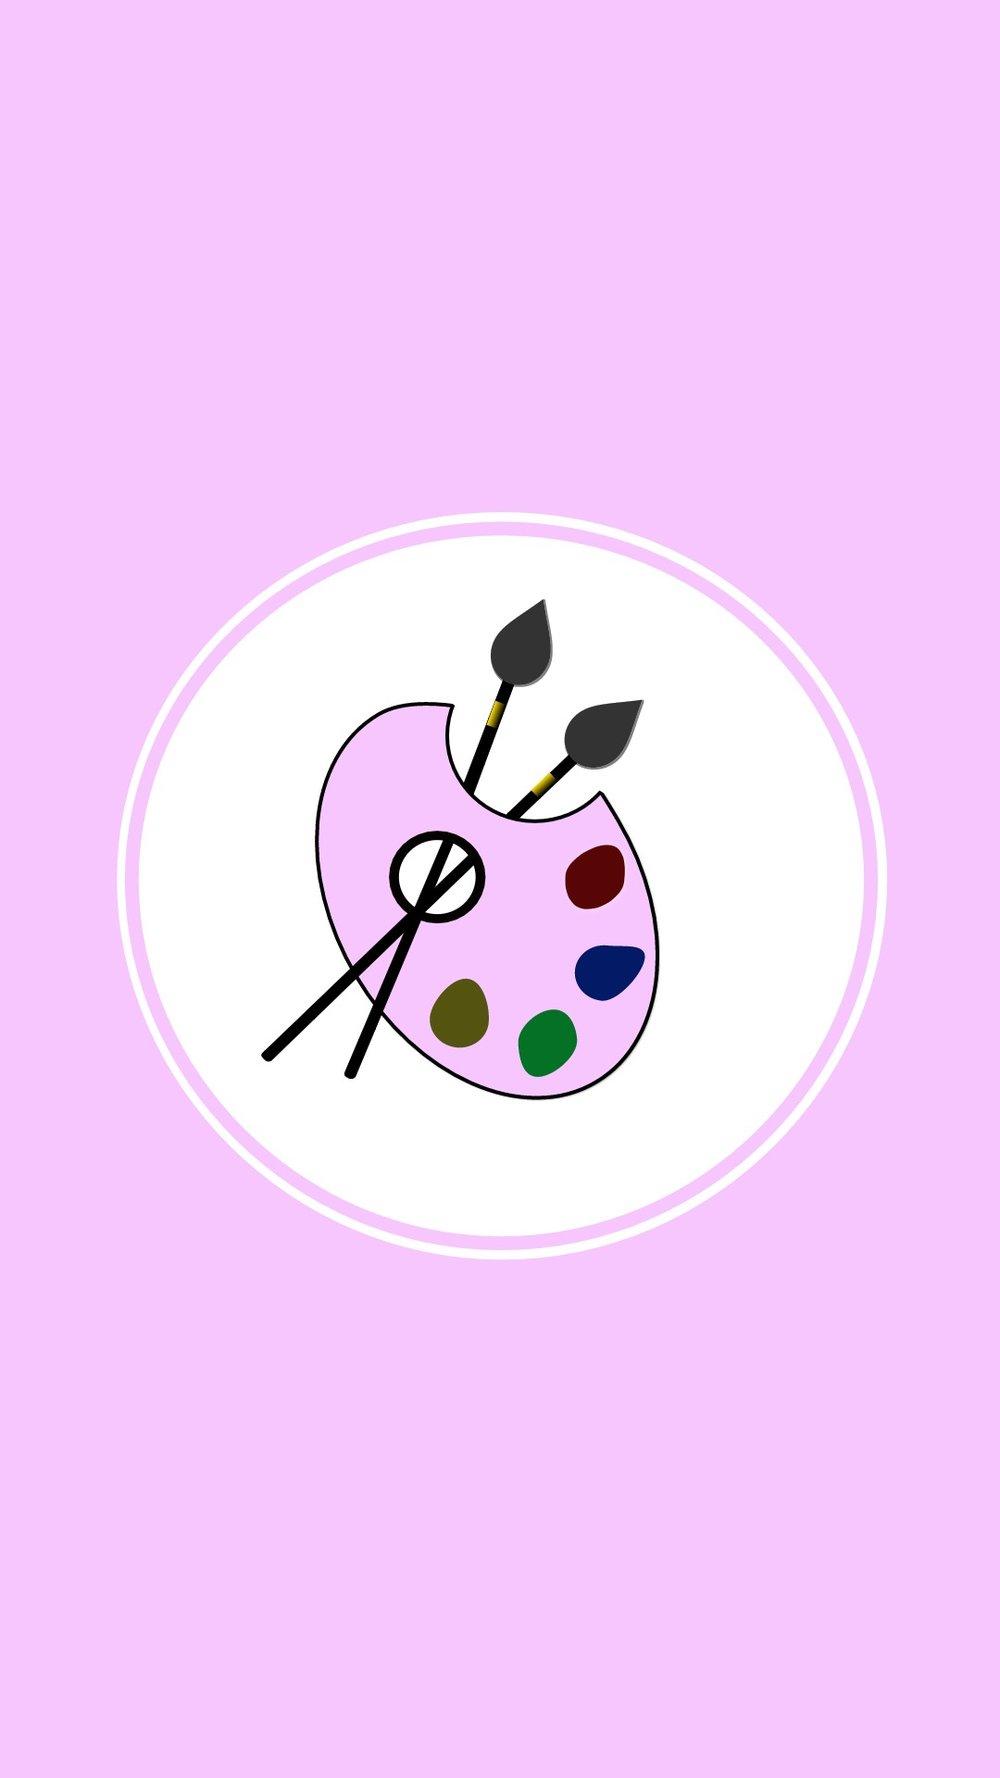 Instagram-cover-painting-pinkwhite-lotnotes.com.jpg